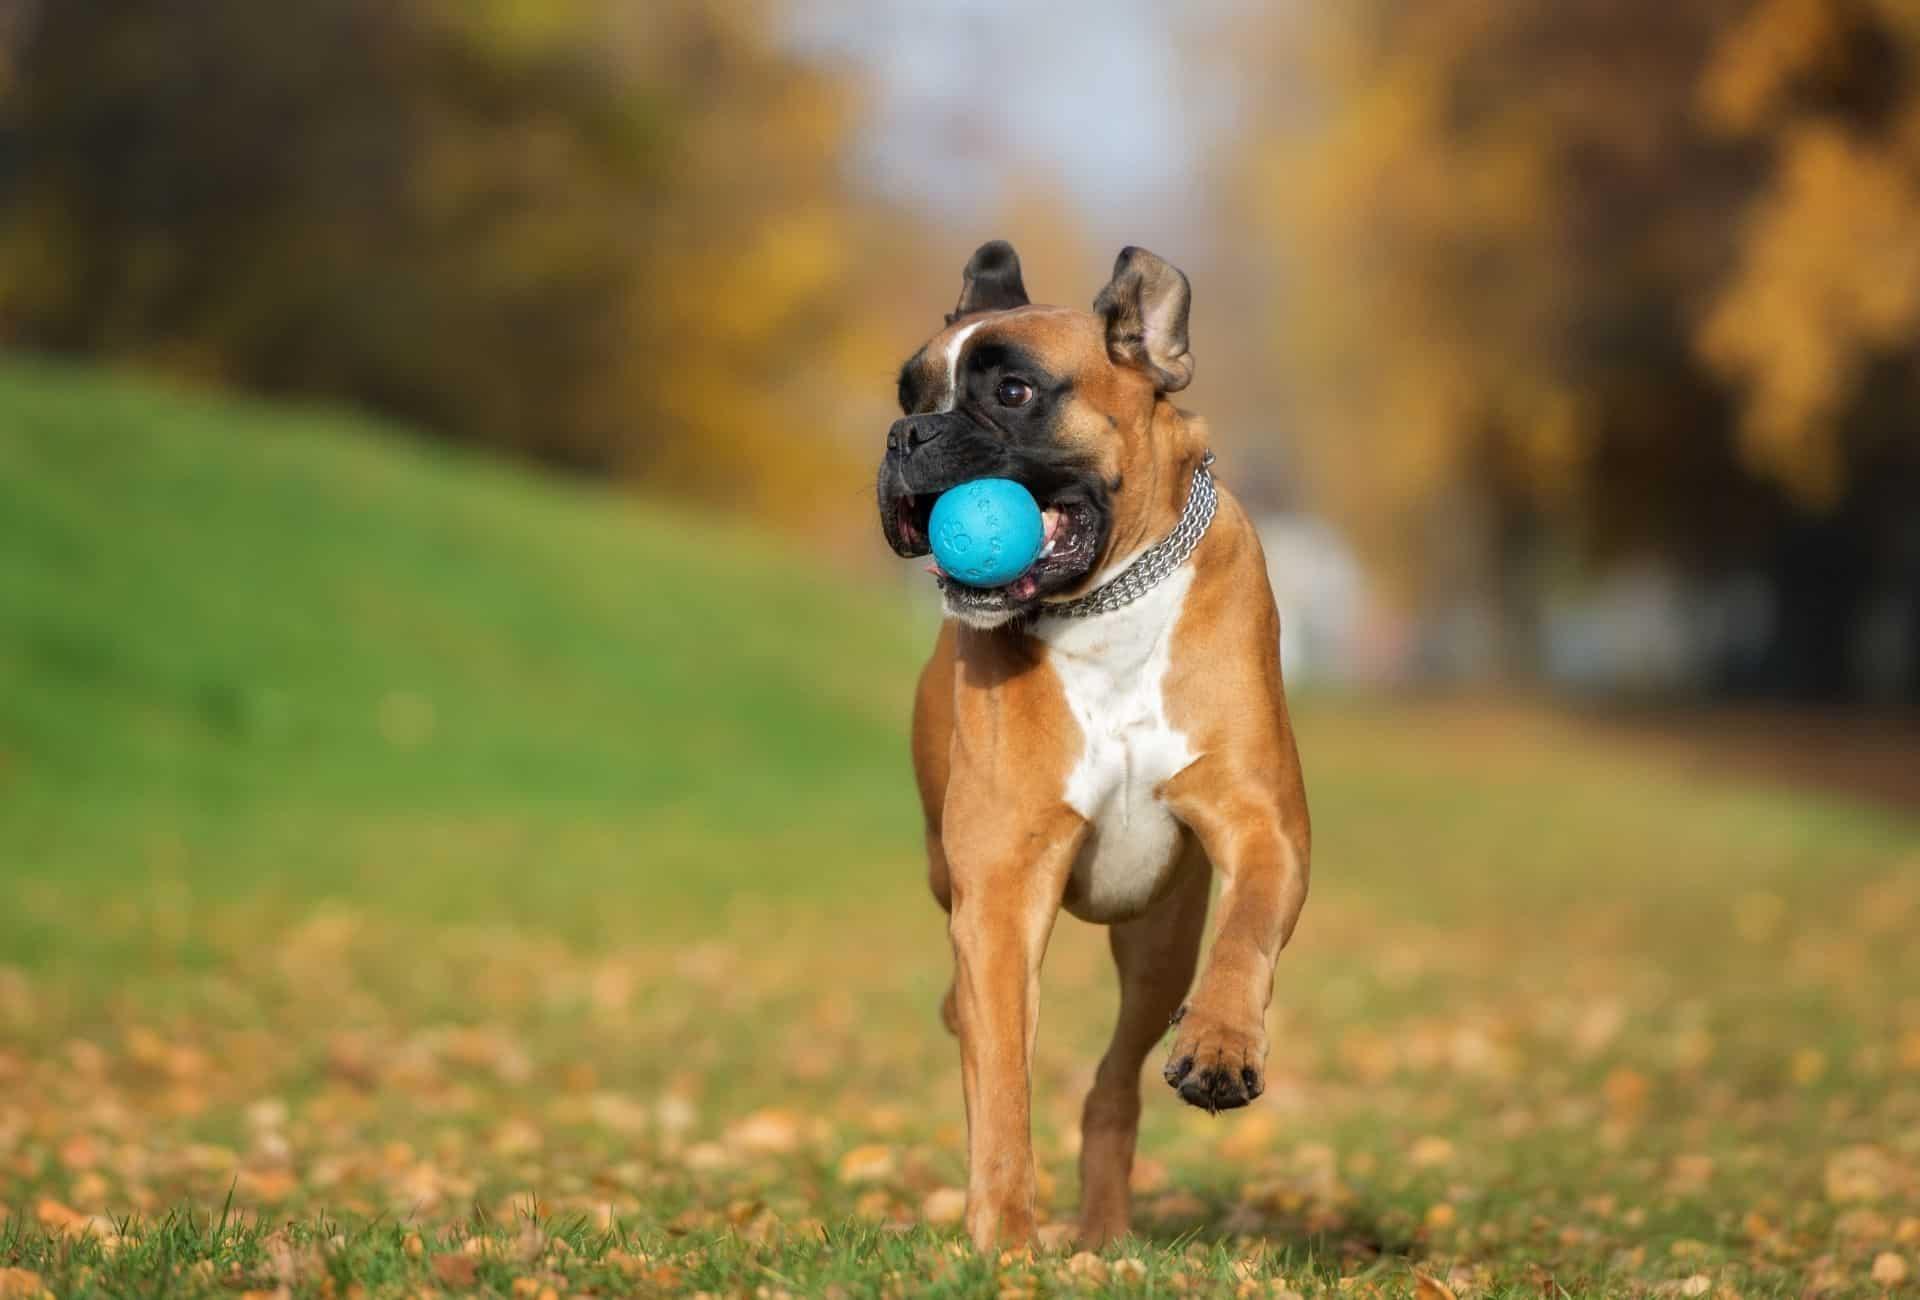 Boxer recuperando una bola azul, lo que demuestra que si bien los boxeadores son observadores y buenos perros guardianes, son perros divertidos para los propietarios primerizos.